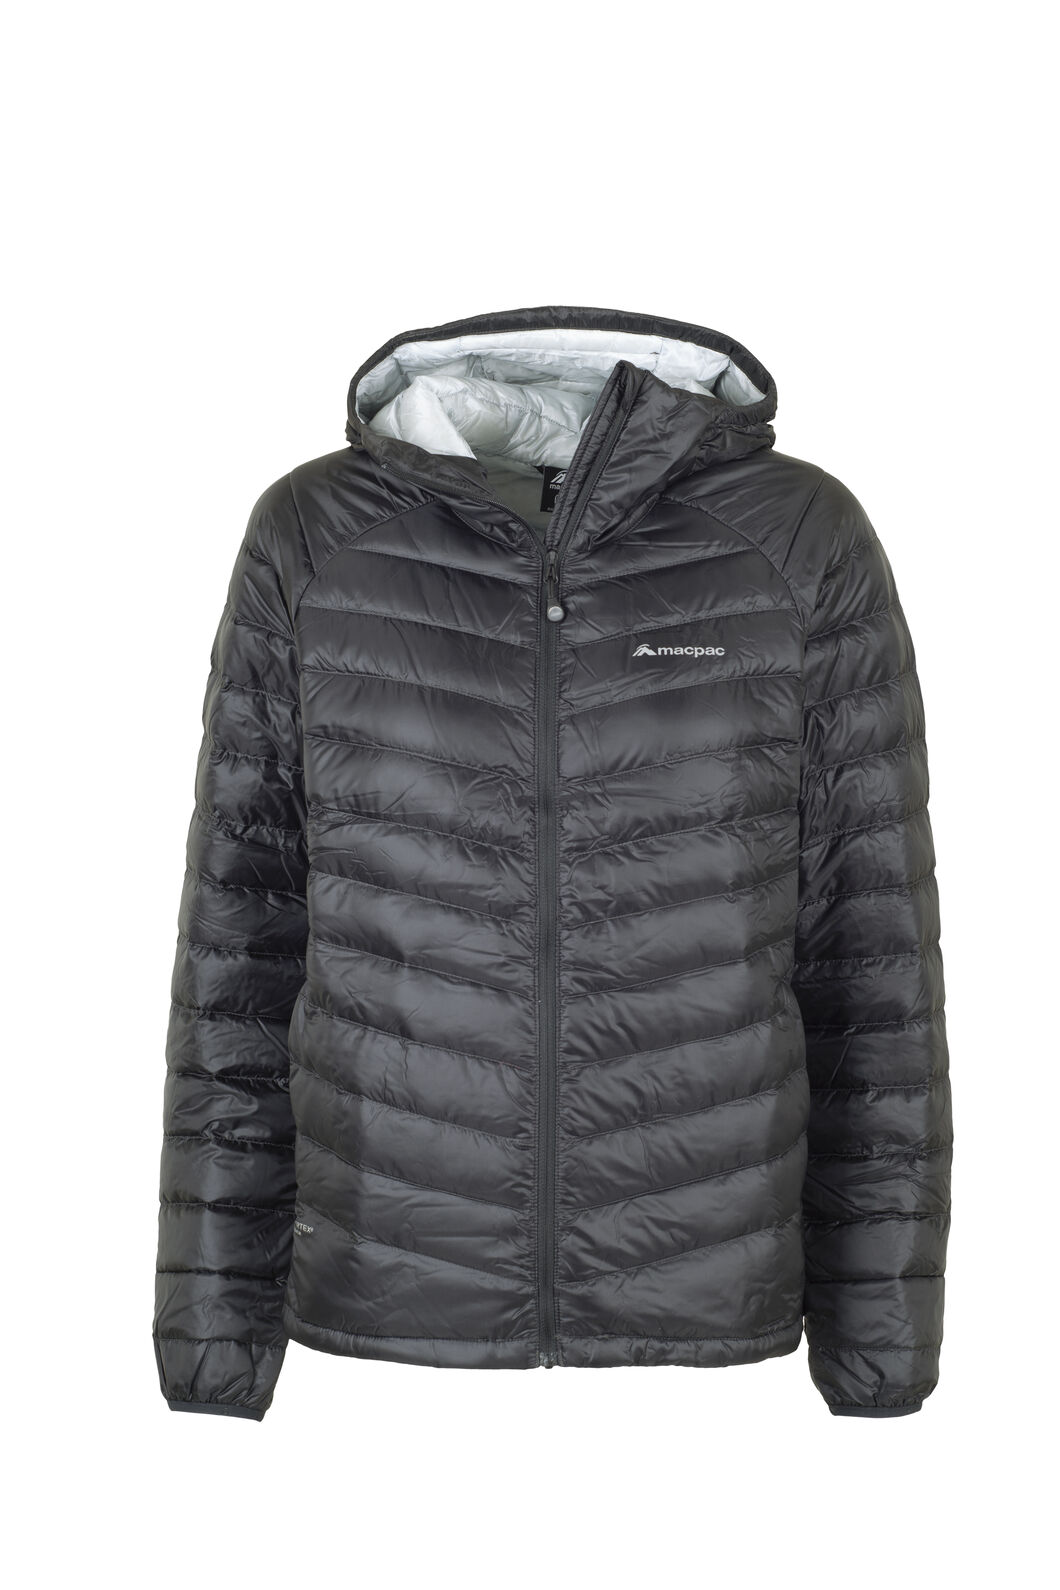 Macpac Icefall HyperDRY™ Hooded Jacket - Women's, Black, hi-res